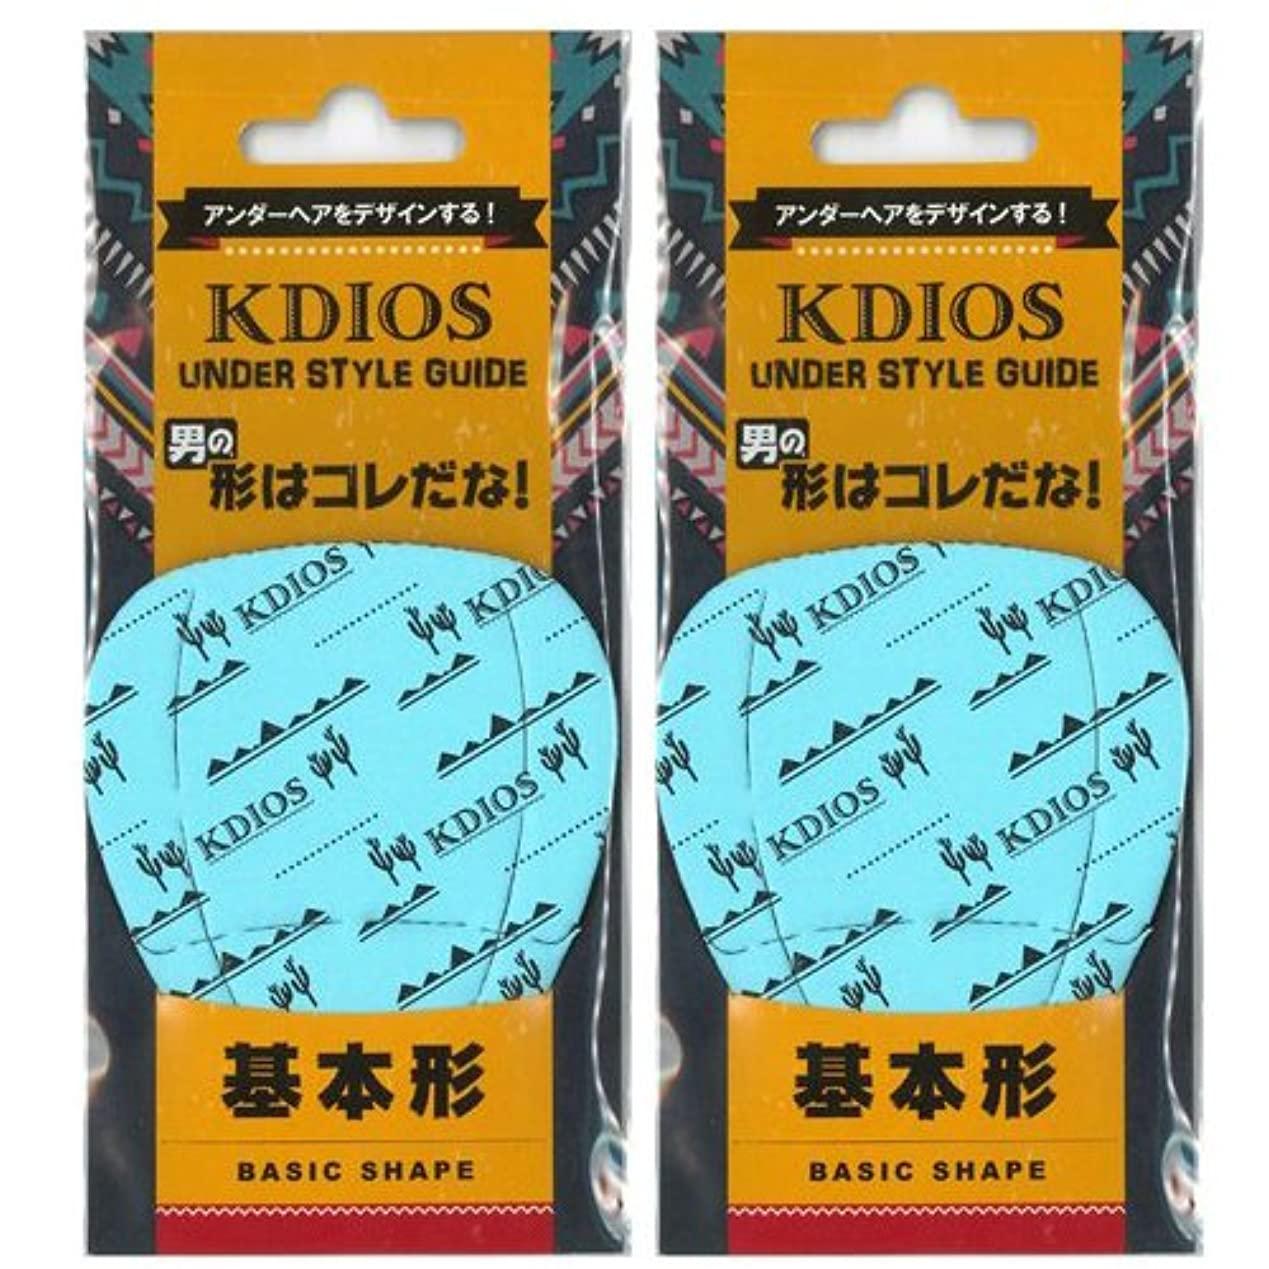 謝罪細部釈義KDIOS(ケディオス) アンダースタイルガイド 「基本形」 FOR MEN ×2個セット